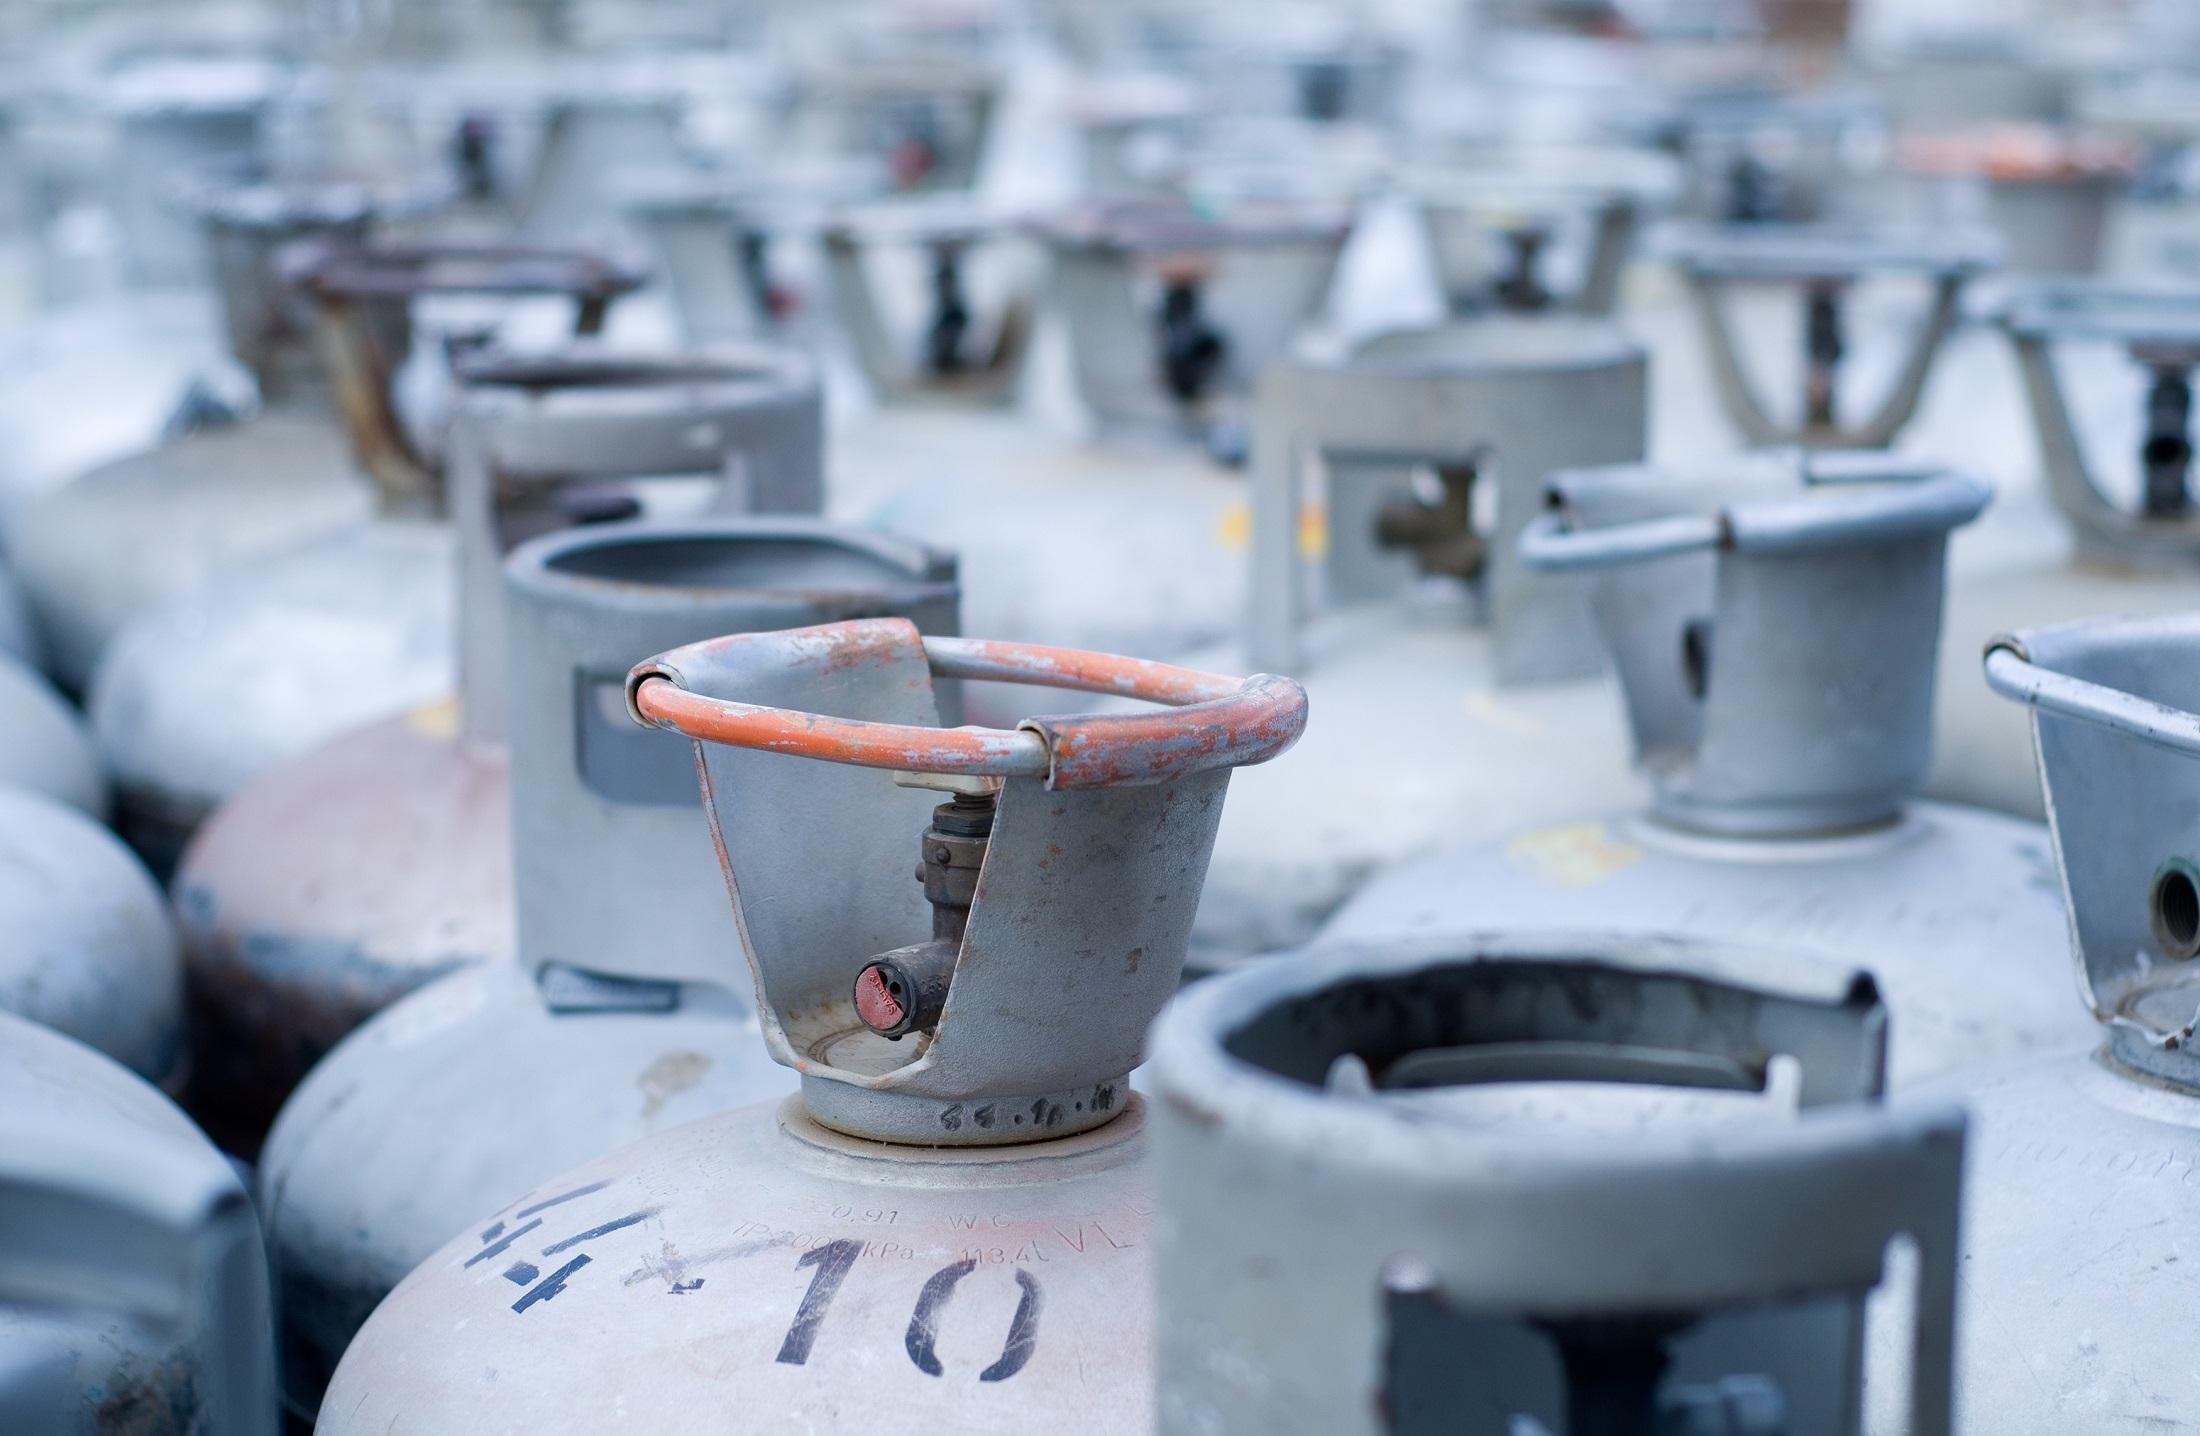 LPG gas bottle storage regulations